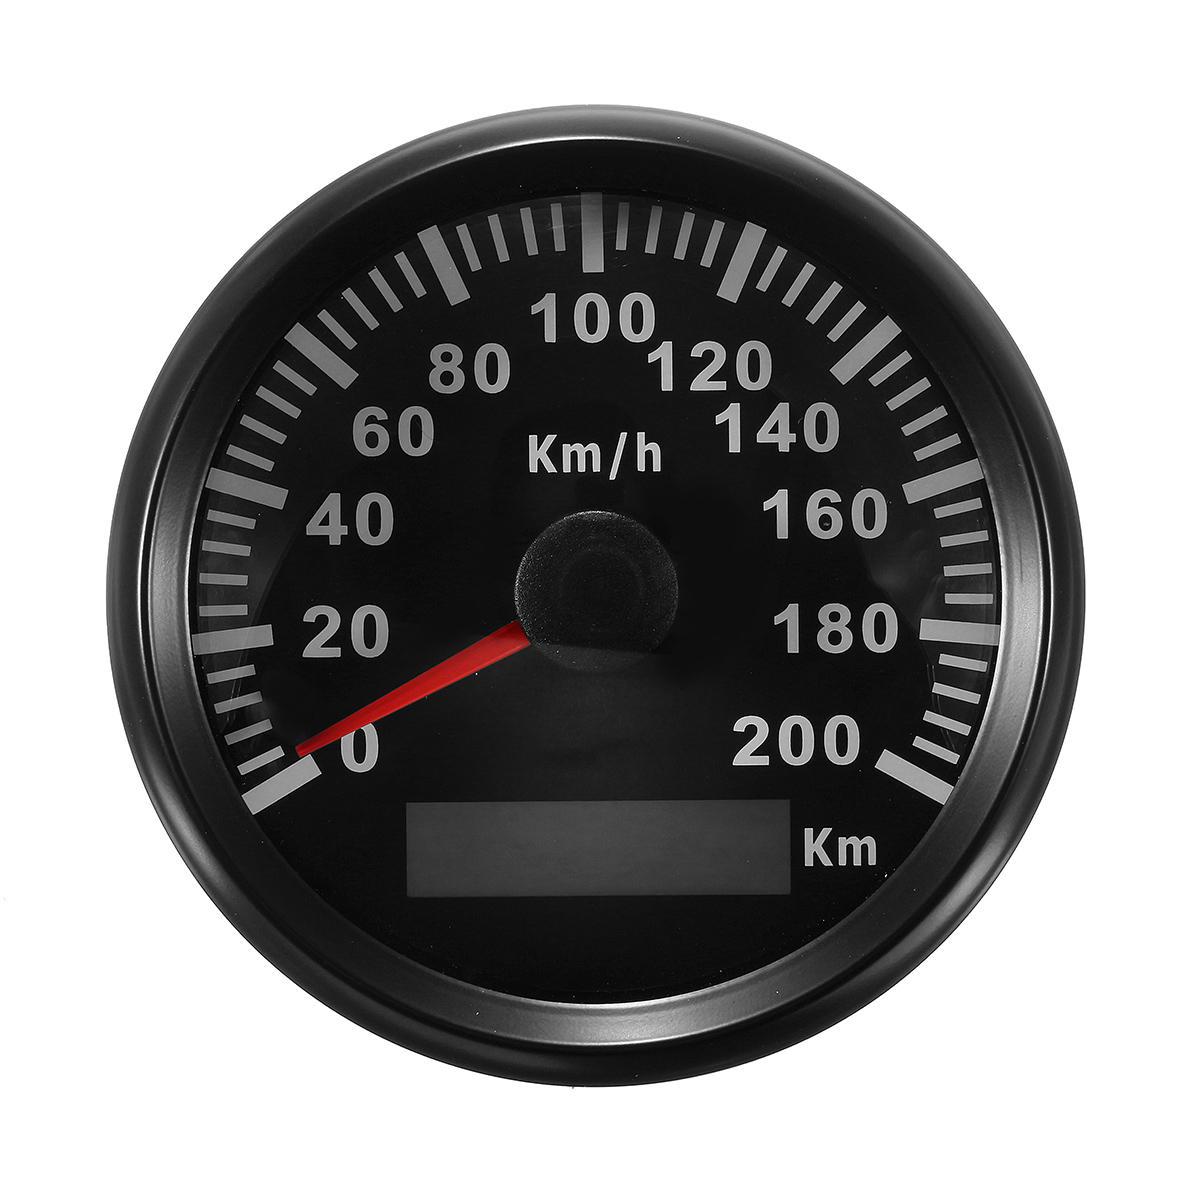 85mm 200 KM / H Roestvrij GPS Speedometer Waterdichte Digitale Meters Auto Motorcucle